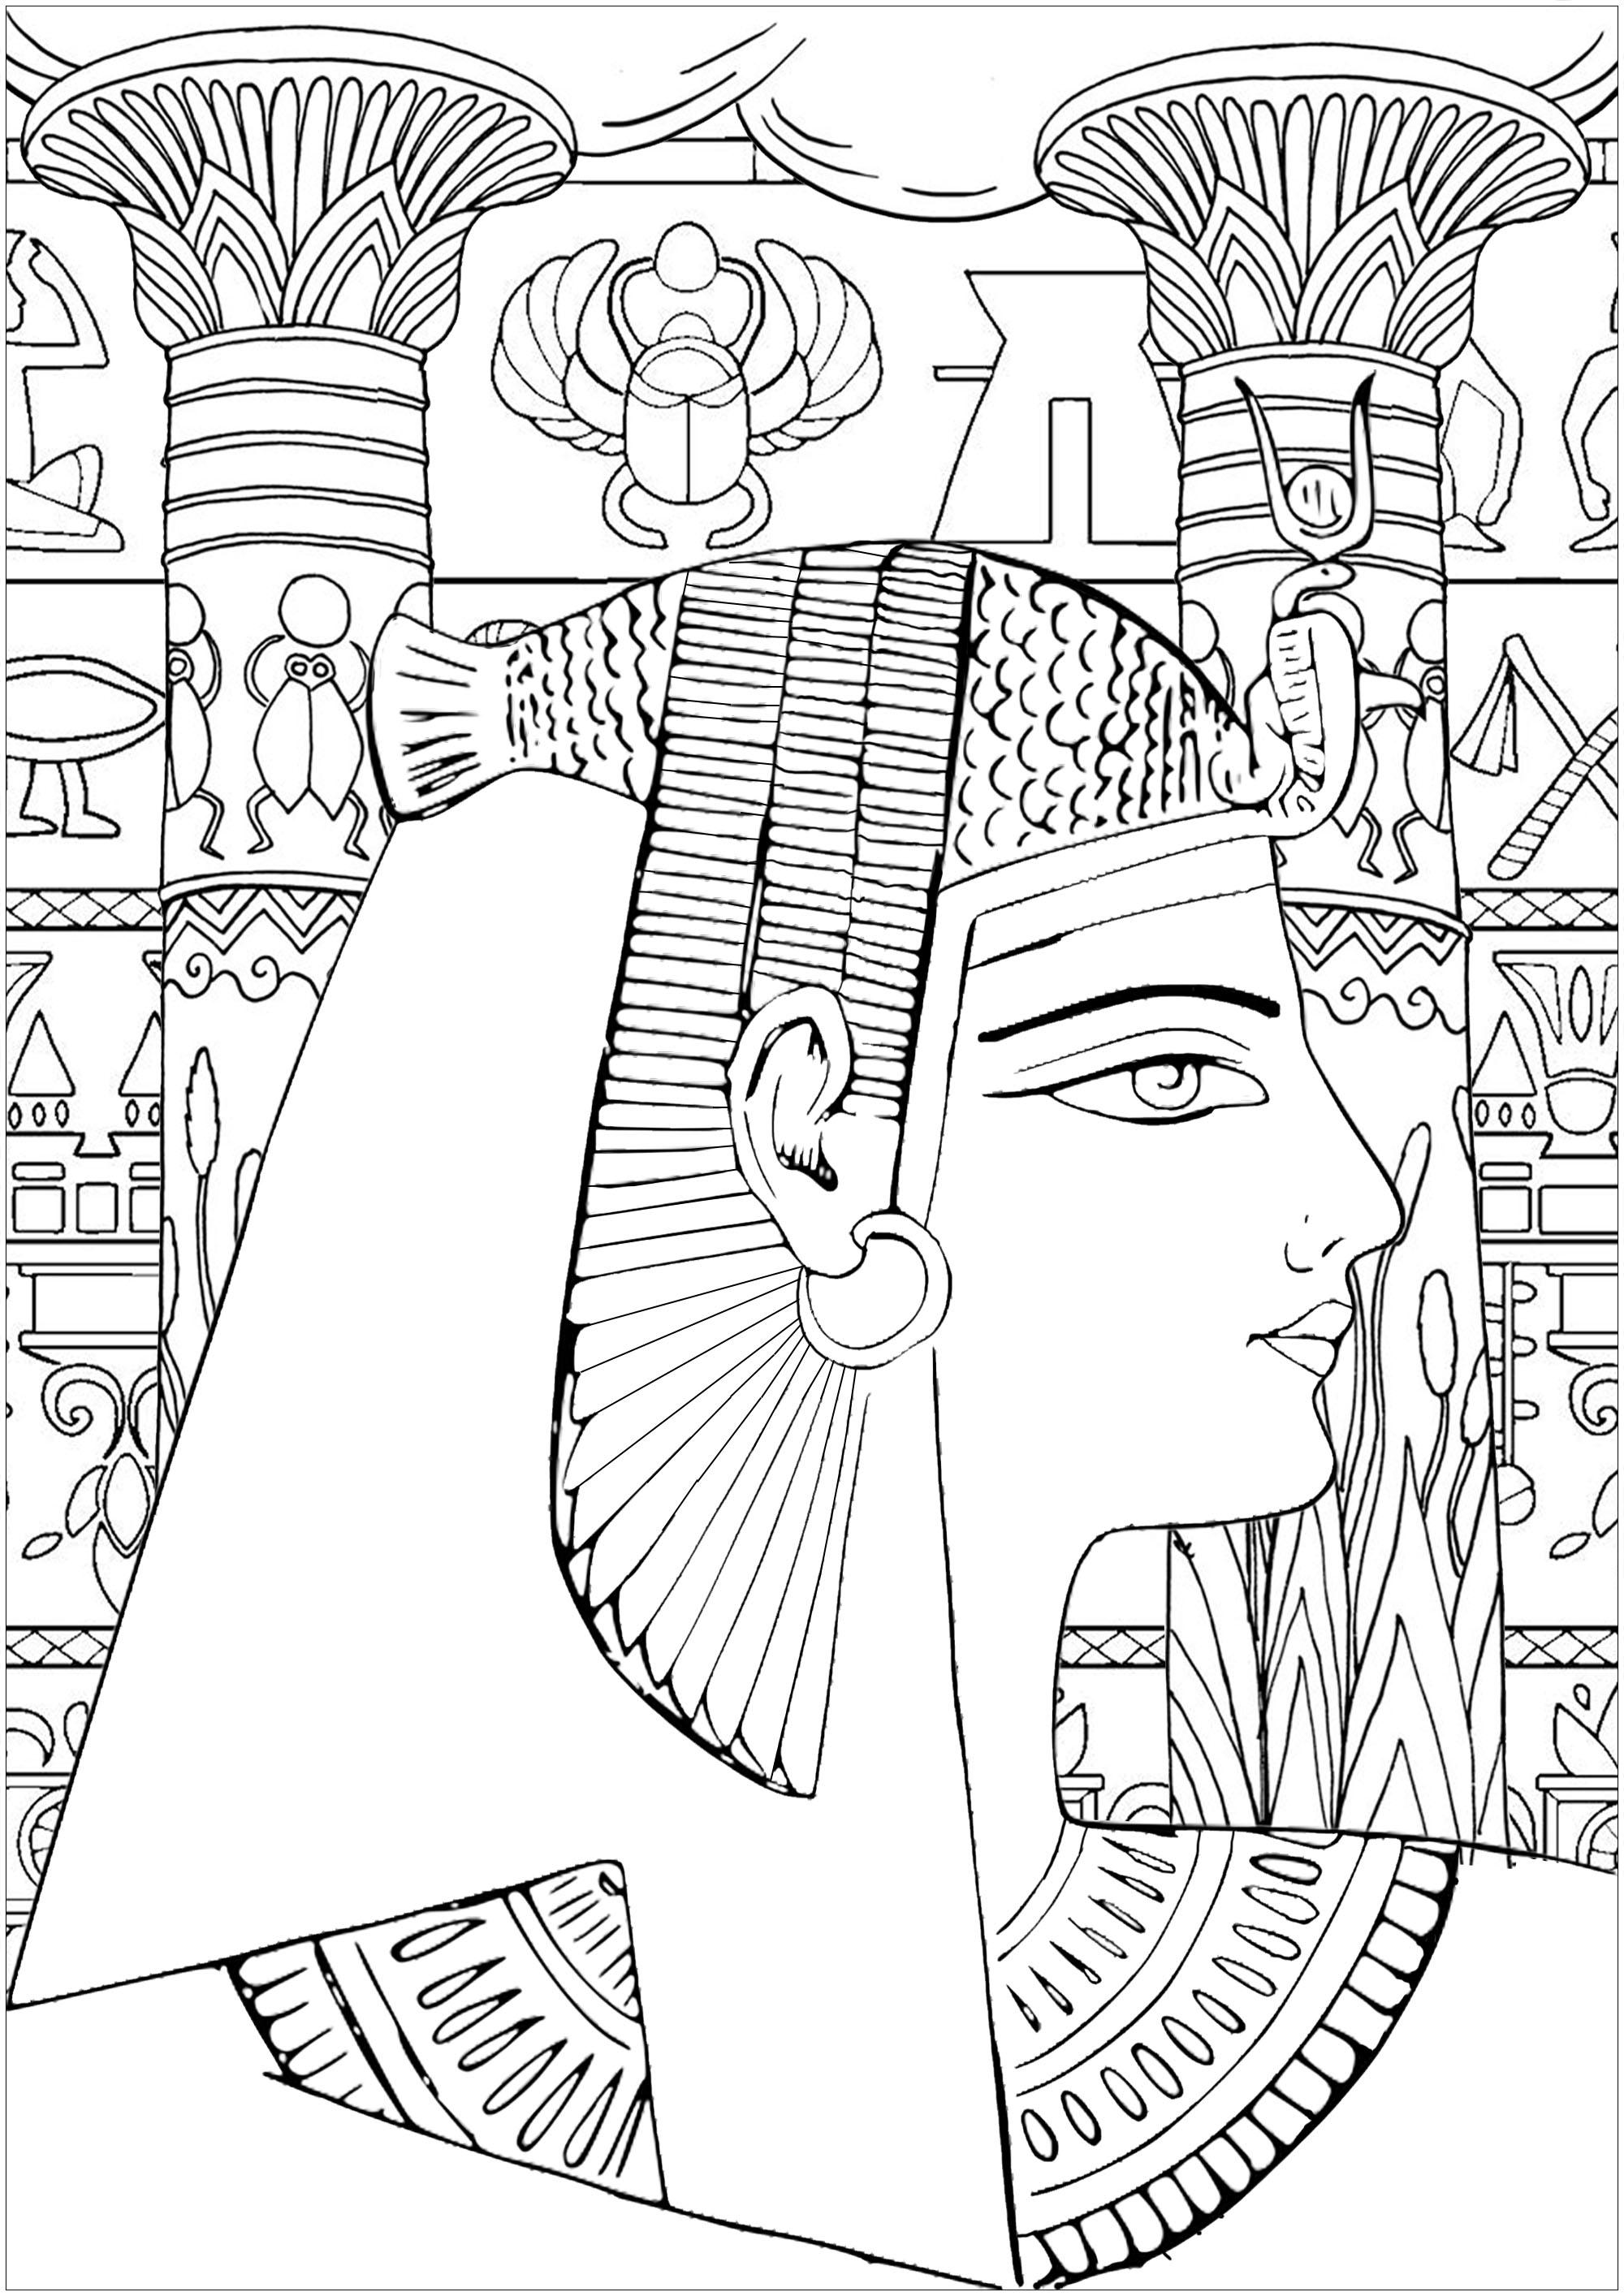 Coloriez cette reine d'Egypte, avec en fond de beaux piliers de temples et des hiéroglyphes. Version facile